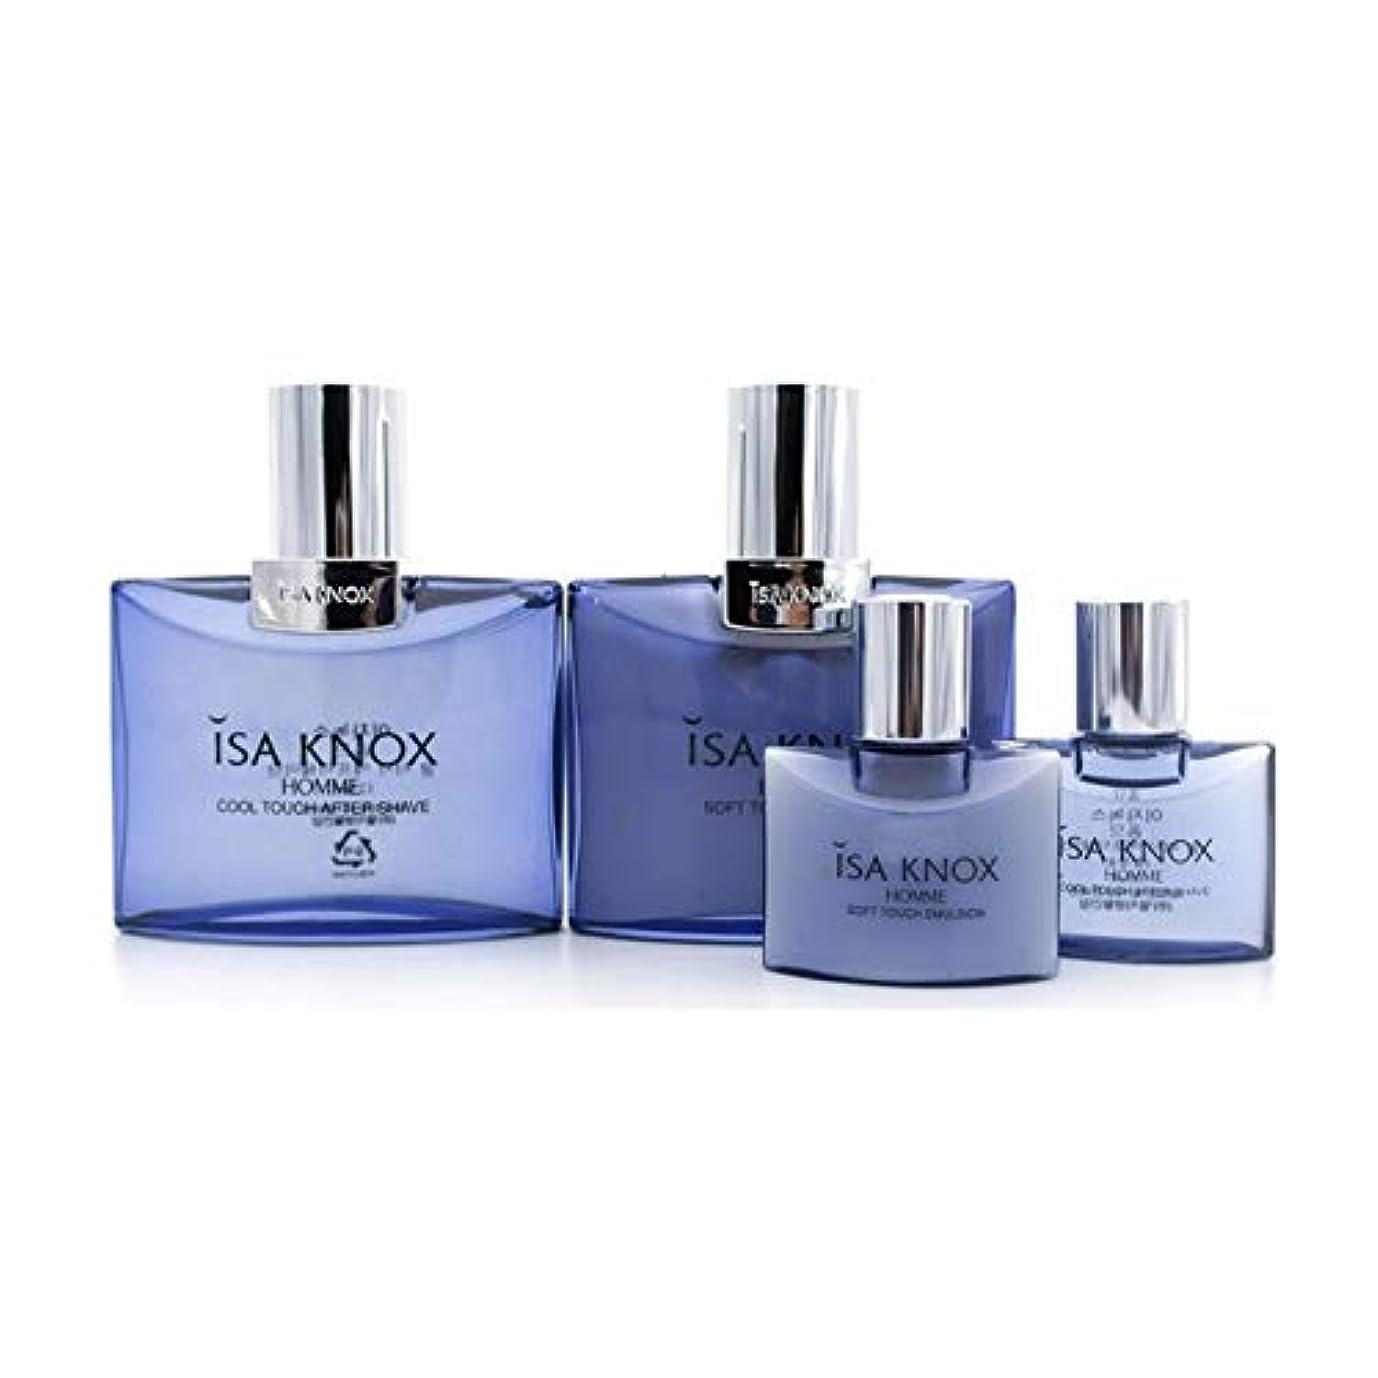 行方不明寛解もろいイザノックスオムアフターシェーブ160ml(125+35)エマルジョン160ml(125+35)セットメンズコスメ韓国コスメ、Isa Knox Homme After Shave Emulsion Set Men's Cosmetics...